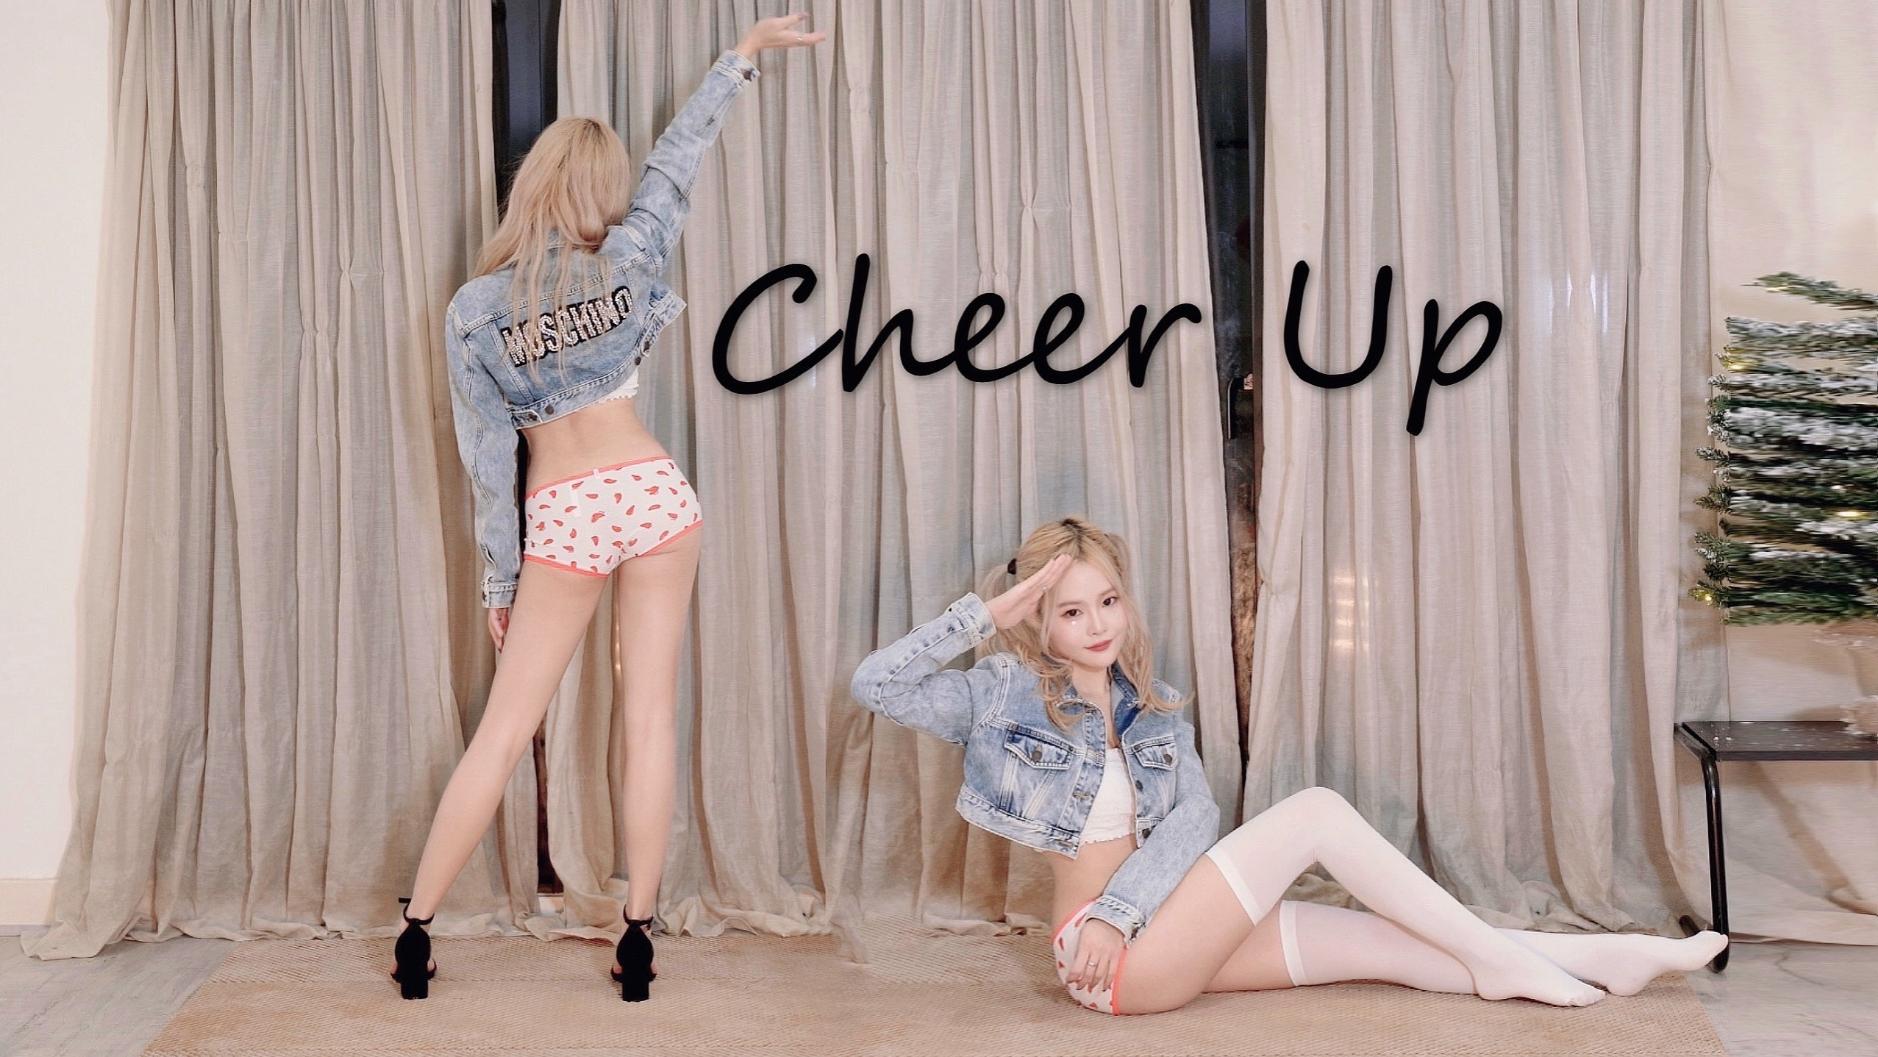 【UP主基本功大赛】甜甜的Cheer Up一键换装,船新造型的白色情人节礼物